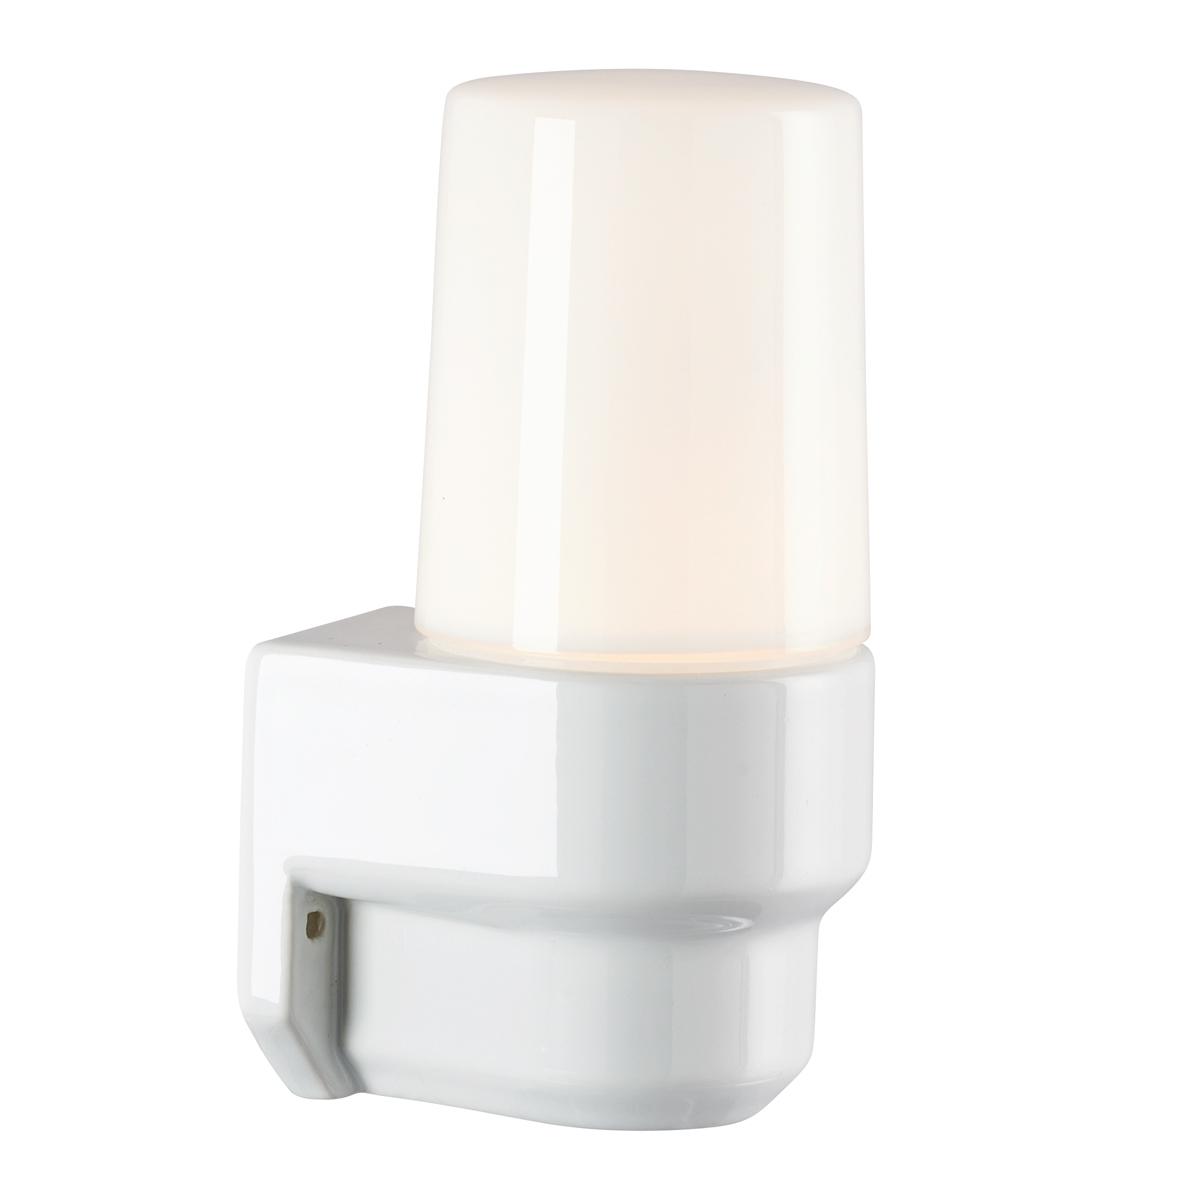 klassische wandleuchte als sauna lampe oder f r spiegel und badezimmer. Black Bedroom Furniture Sets. Home Design Ideas